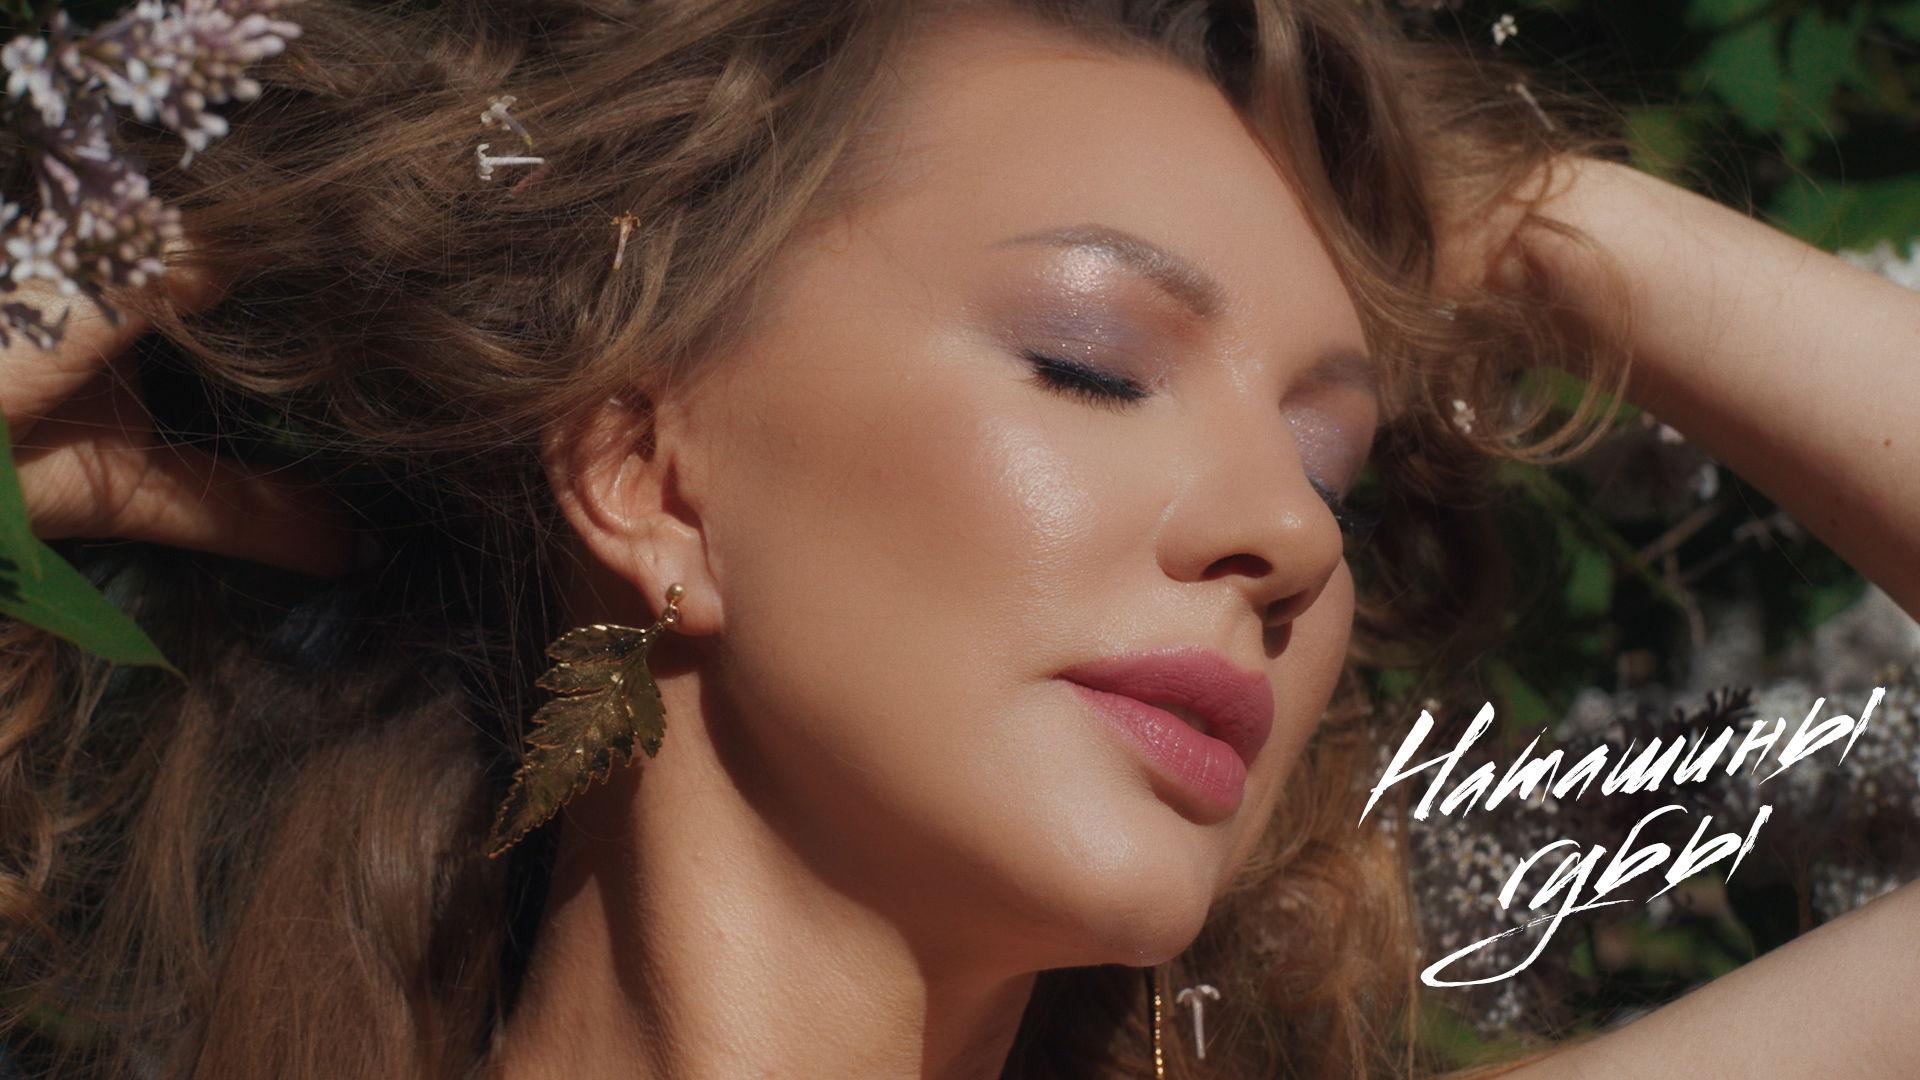 Премьера клипа! Наталия Иванова - Наташины губы 👄